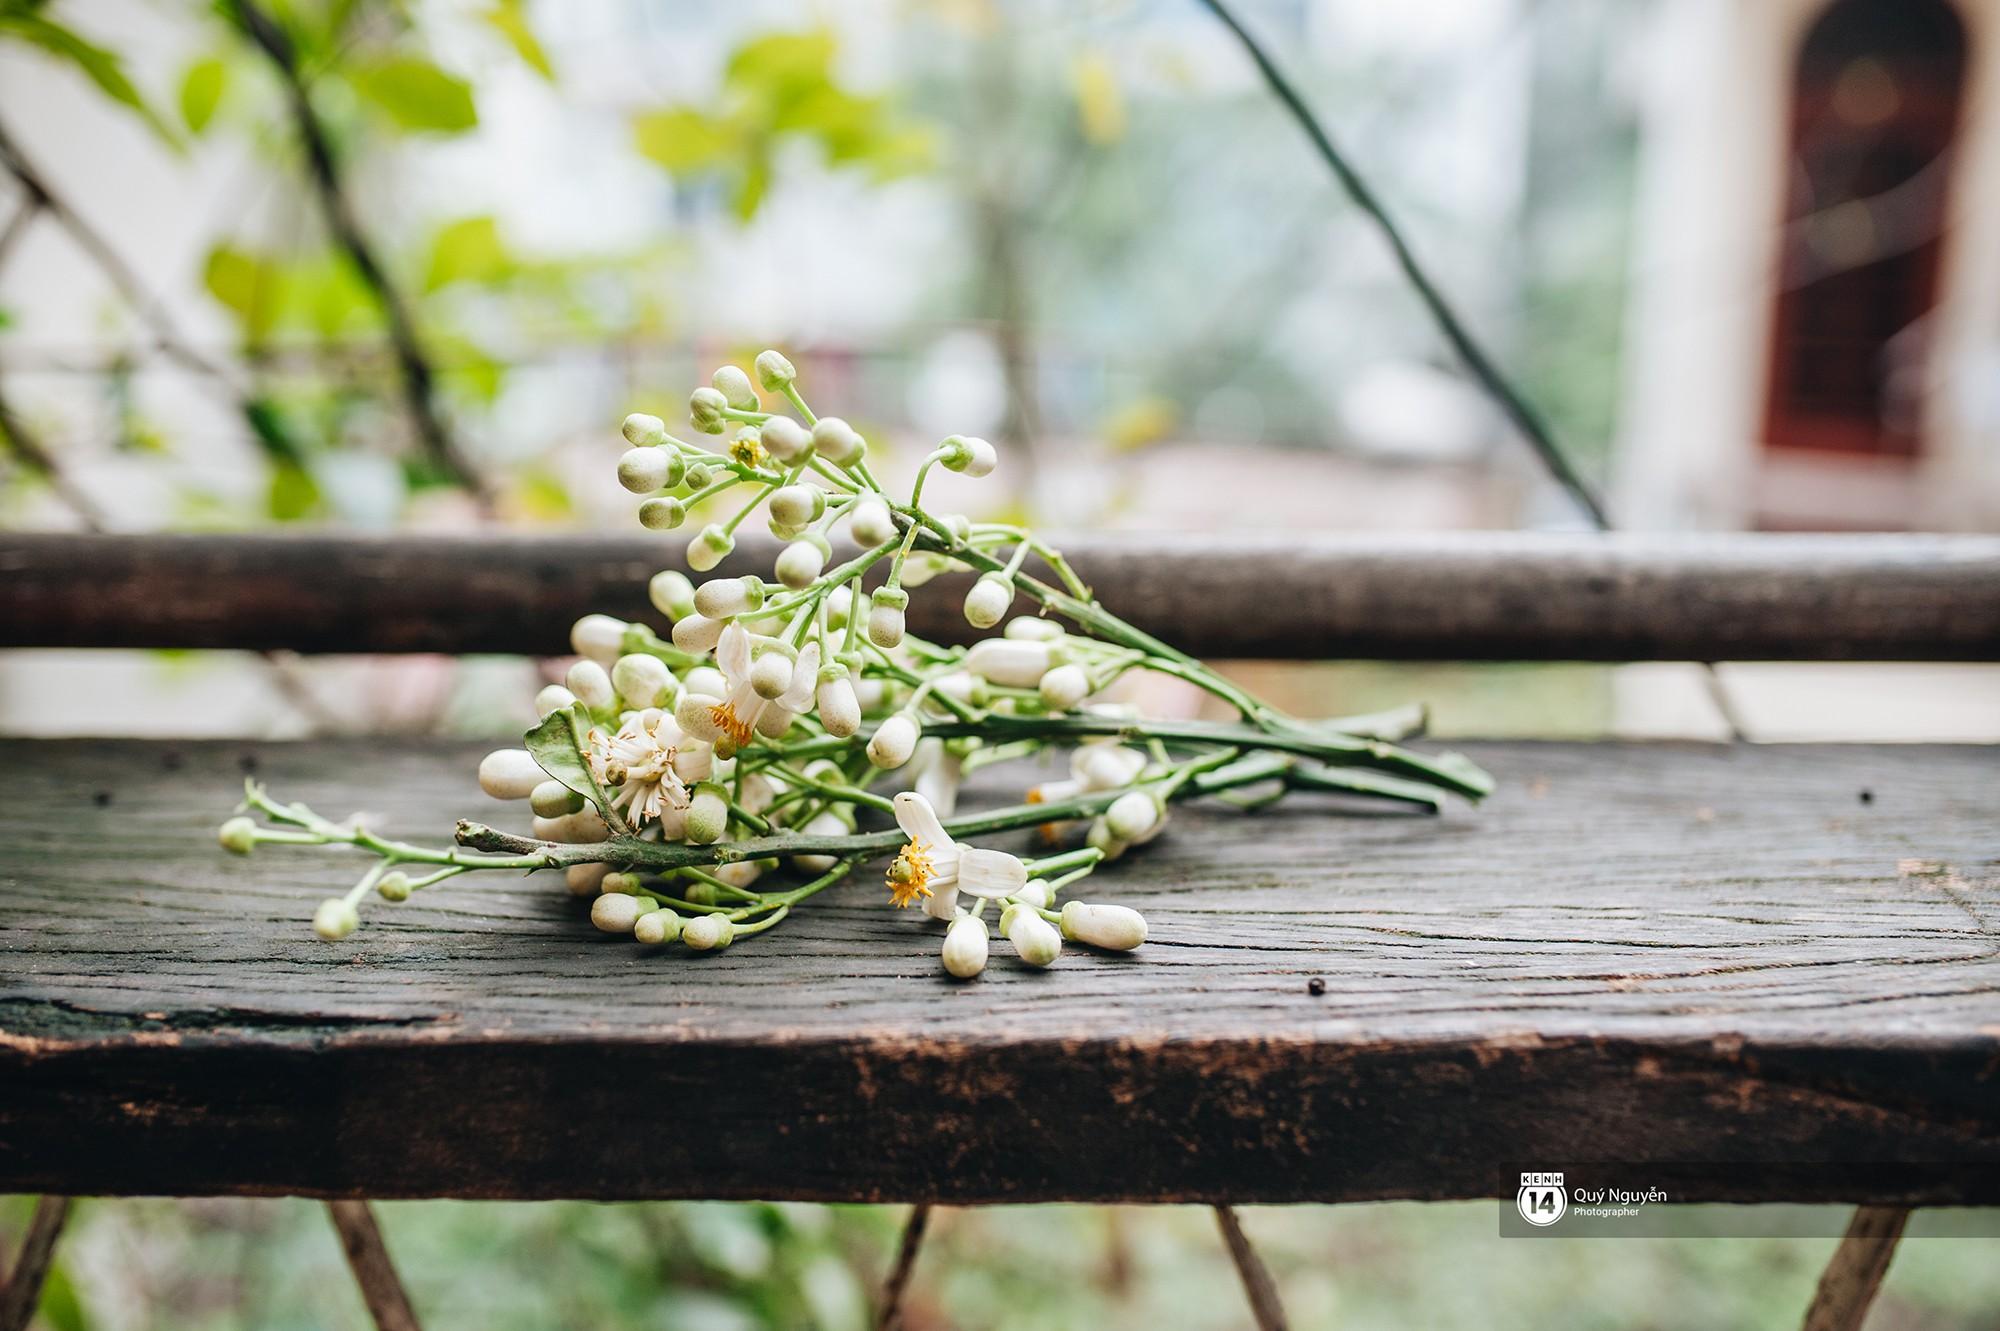 Mùa hoa bưởi phủ trắng phố phường, nhưng được mấy người biết đến các món ăn với hoa bưởi này? - Ảnh 8.